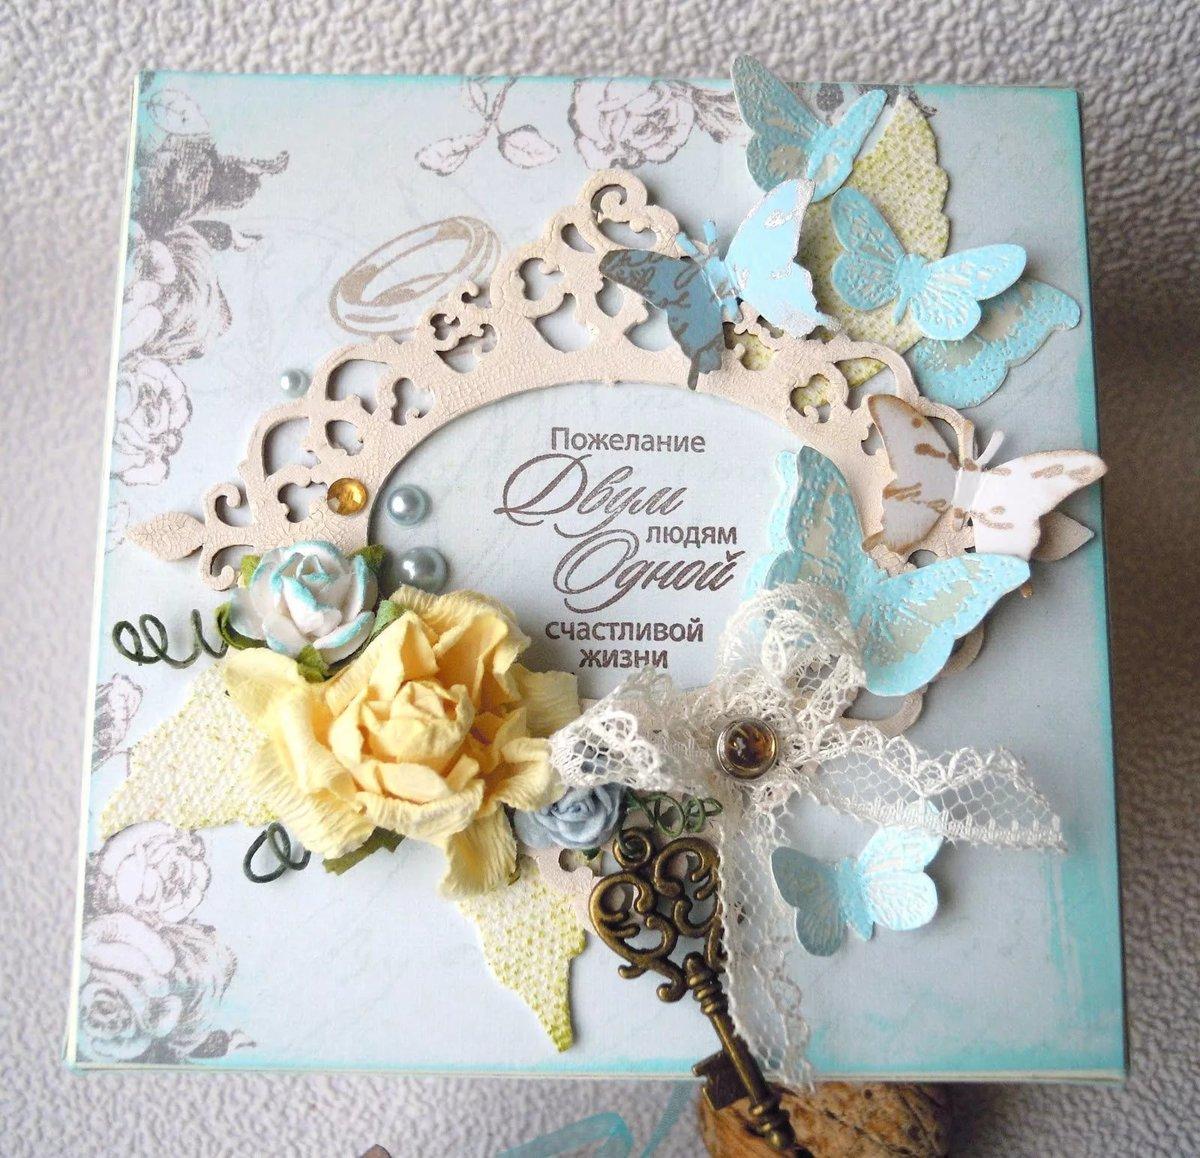 Поздравления с днем свадьбы своими руками открытки, анимация память муже